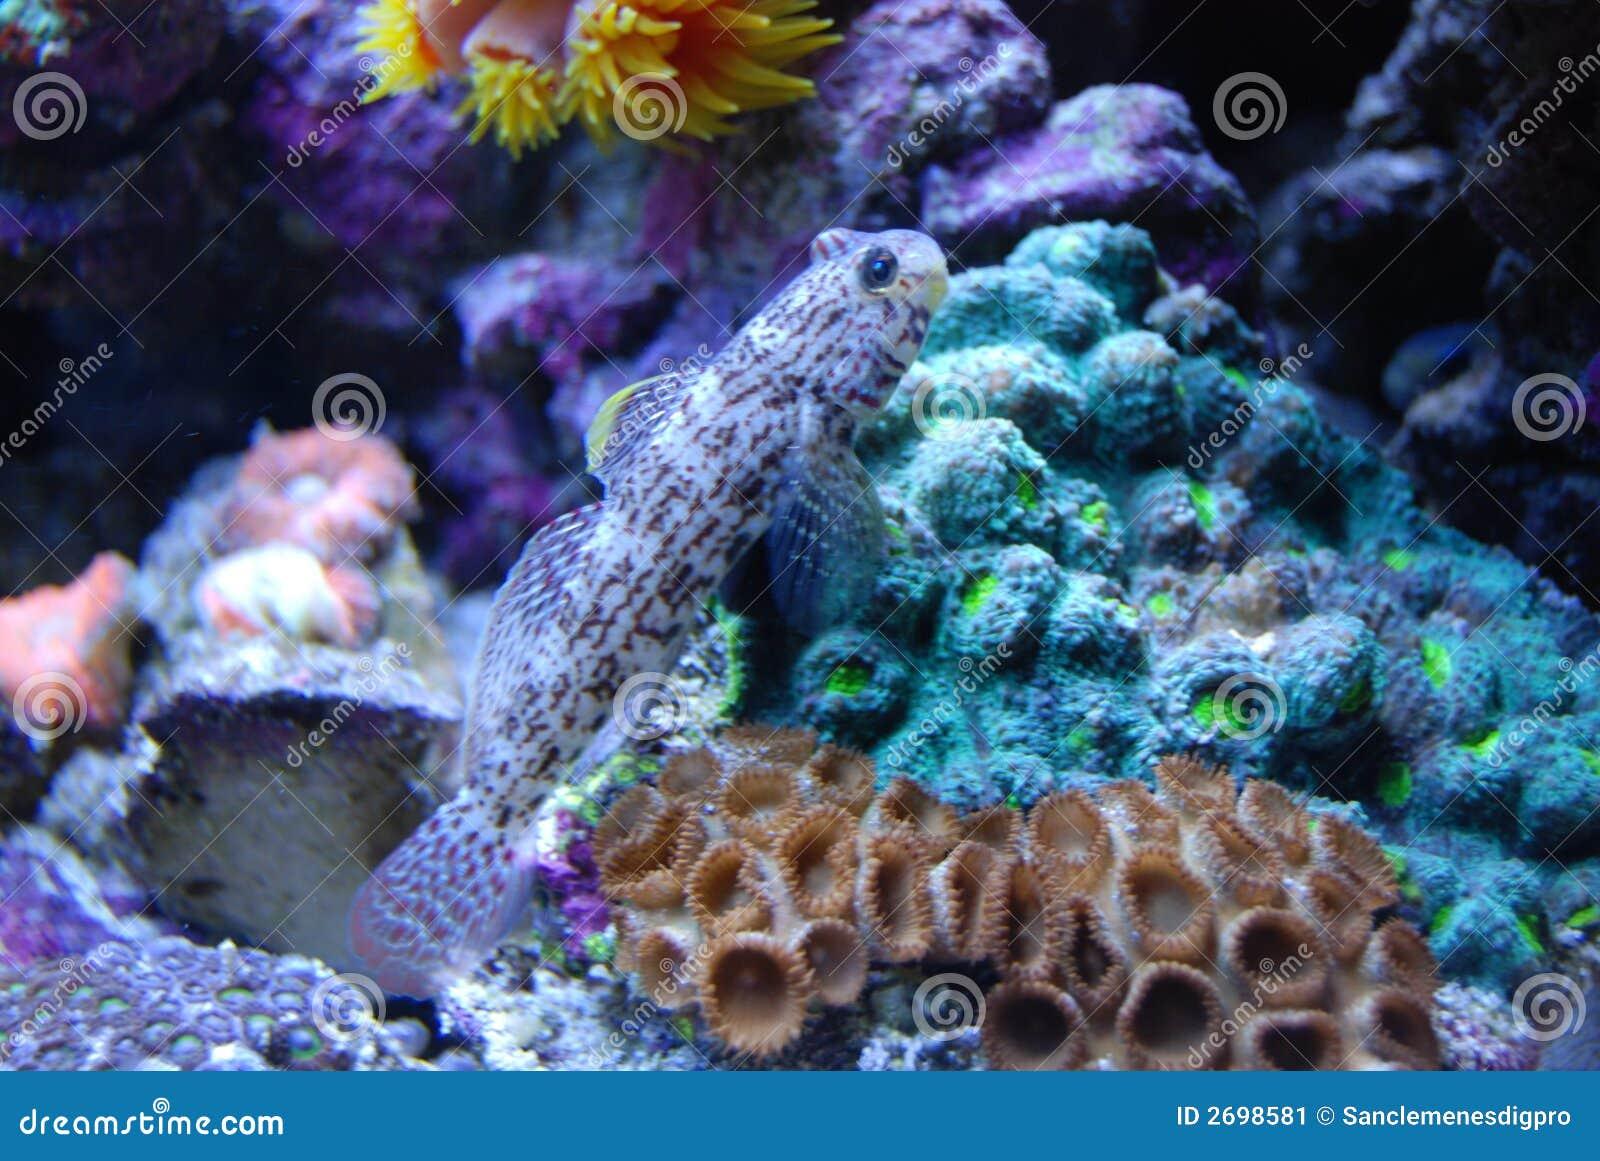 Pescados en coral